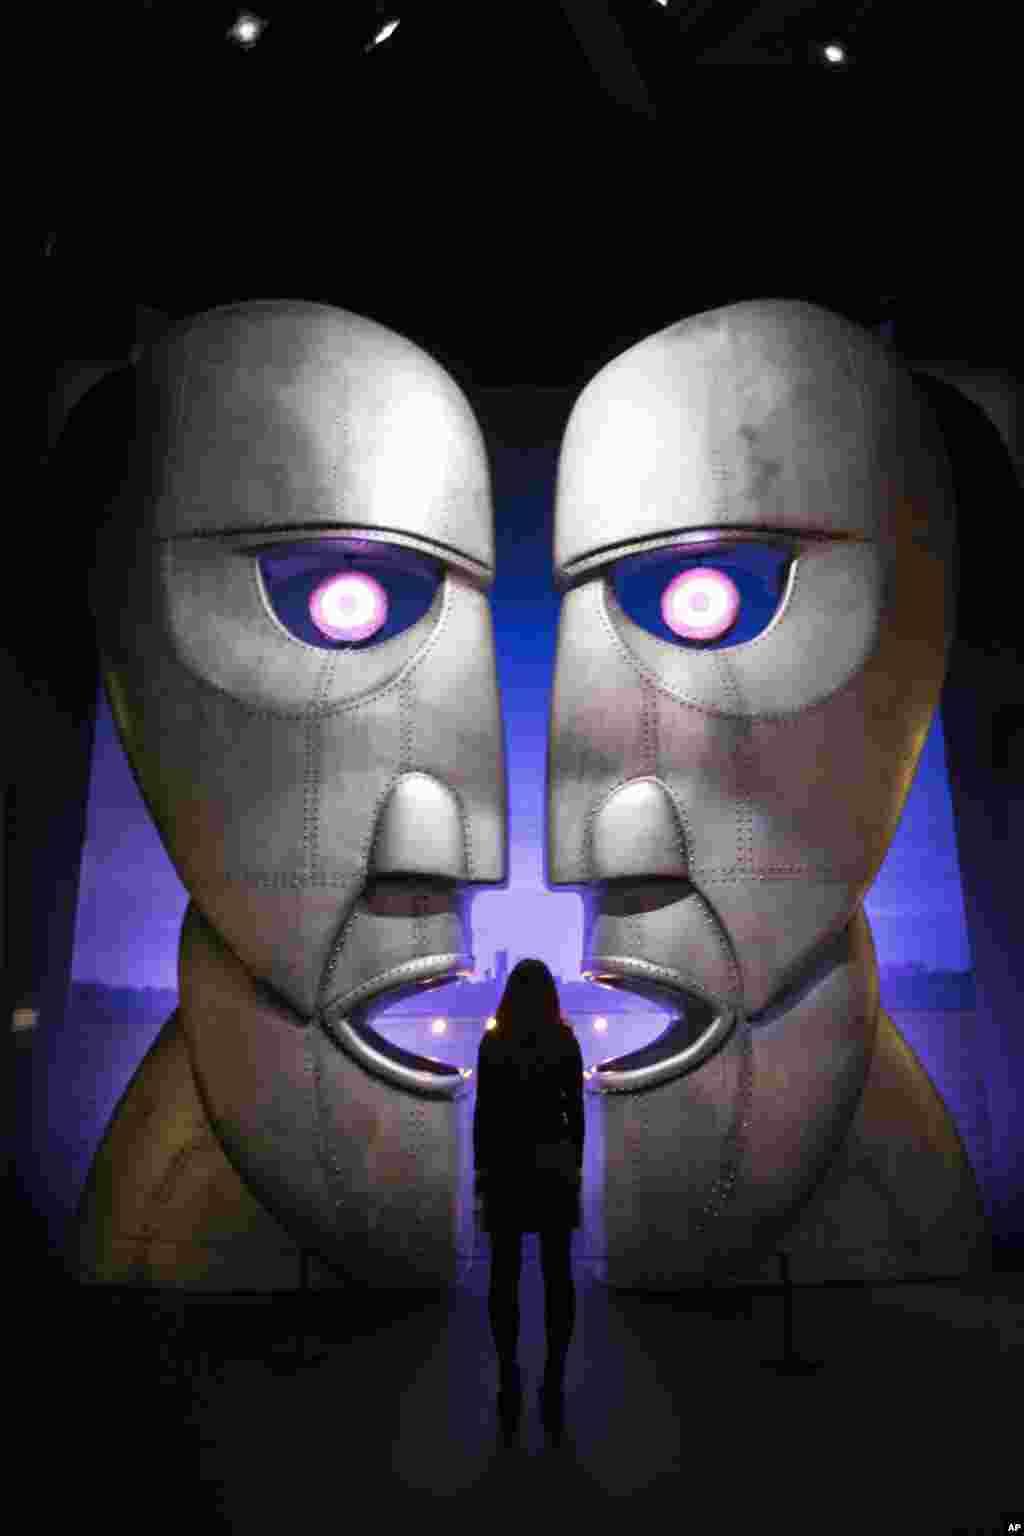 """افتتاح نمایشگاه """" ناقوس جدایی"""" پینک فلوید در لندن"""